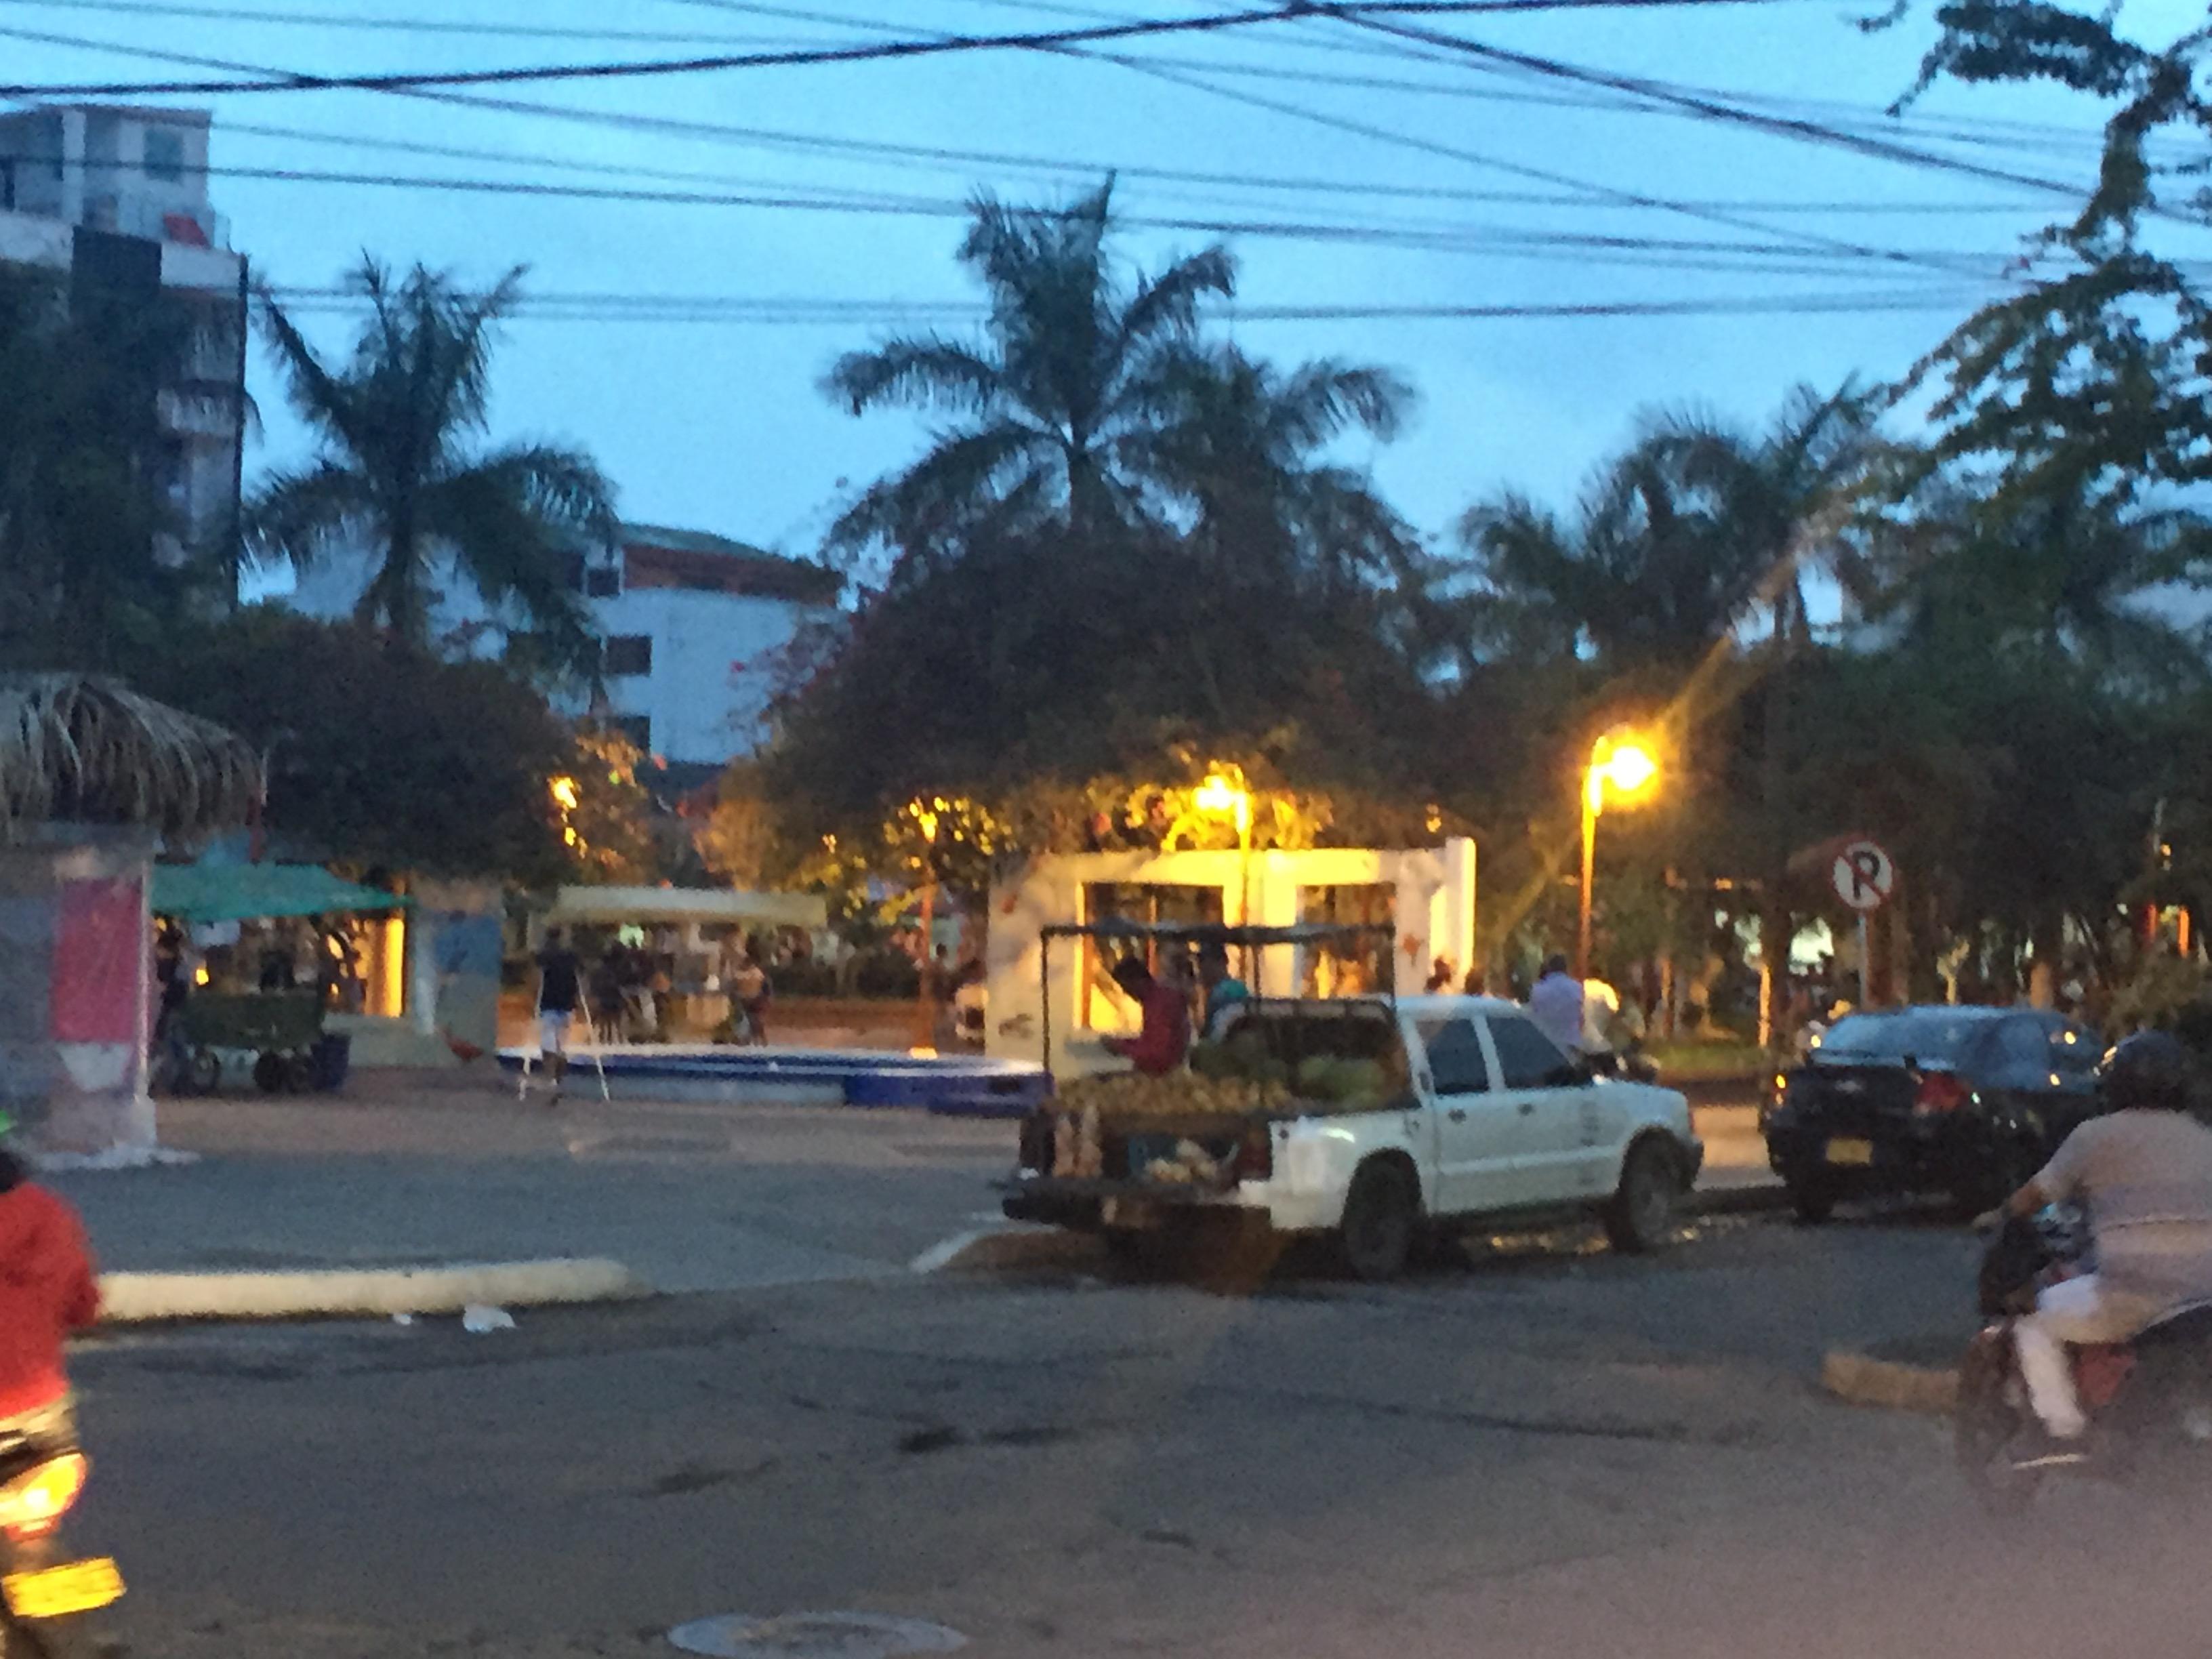 Todos los días llegan Venezolanos a Yopal, autoridades intentan controlar flujo migratorio